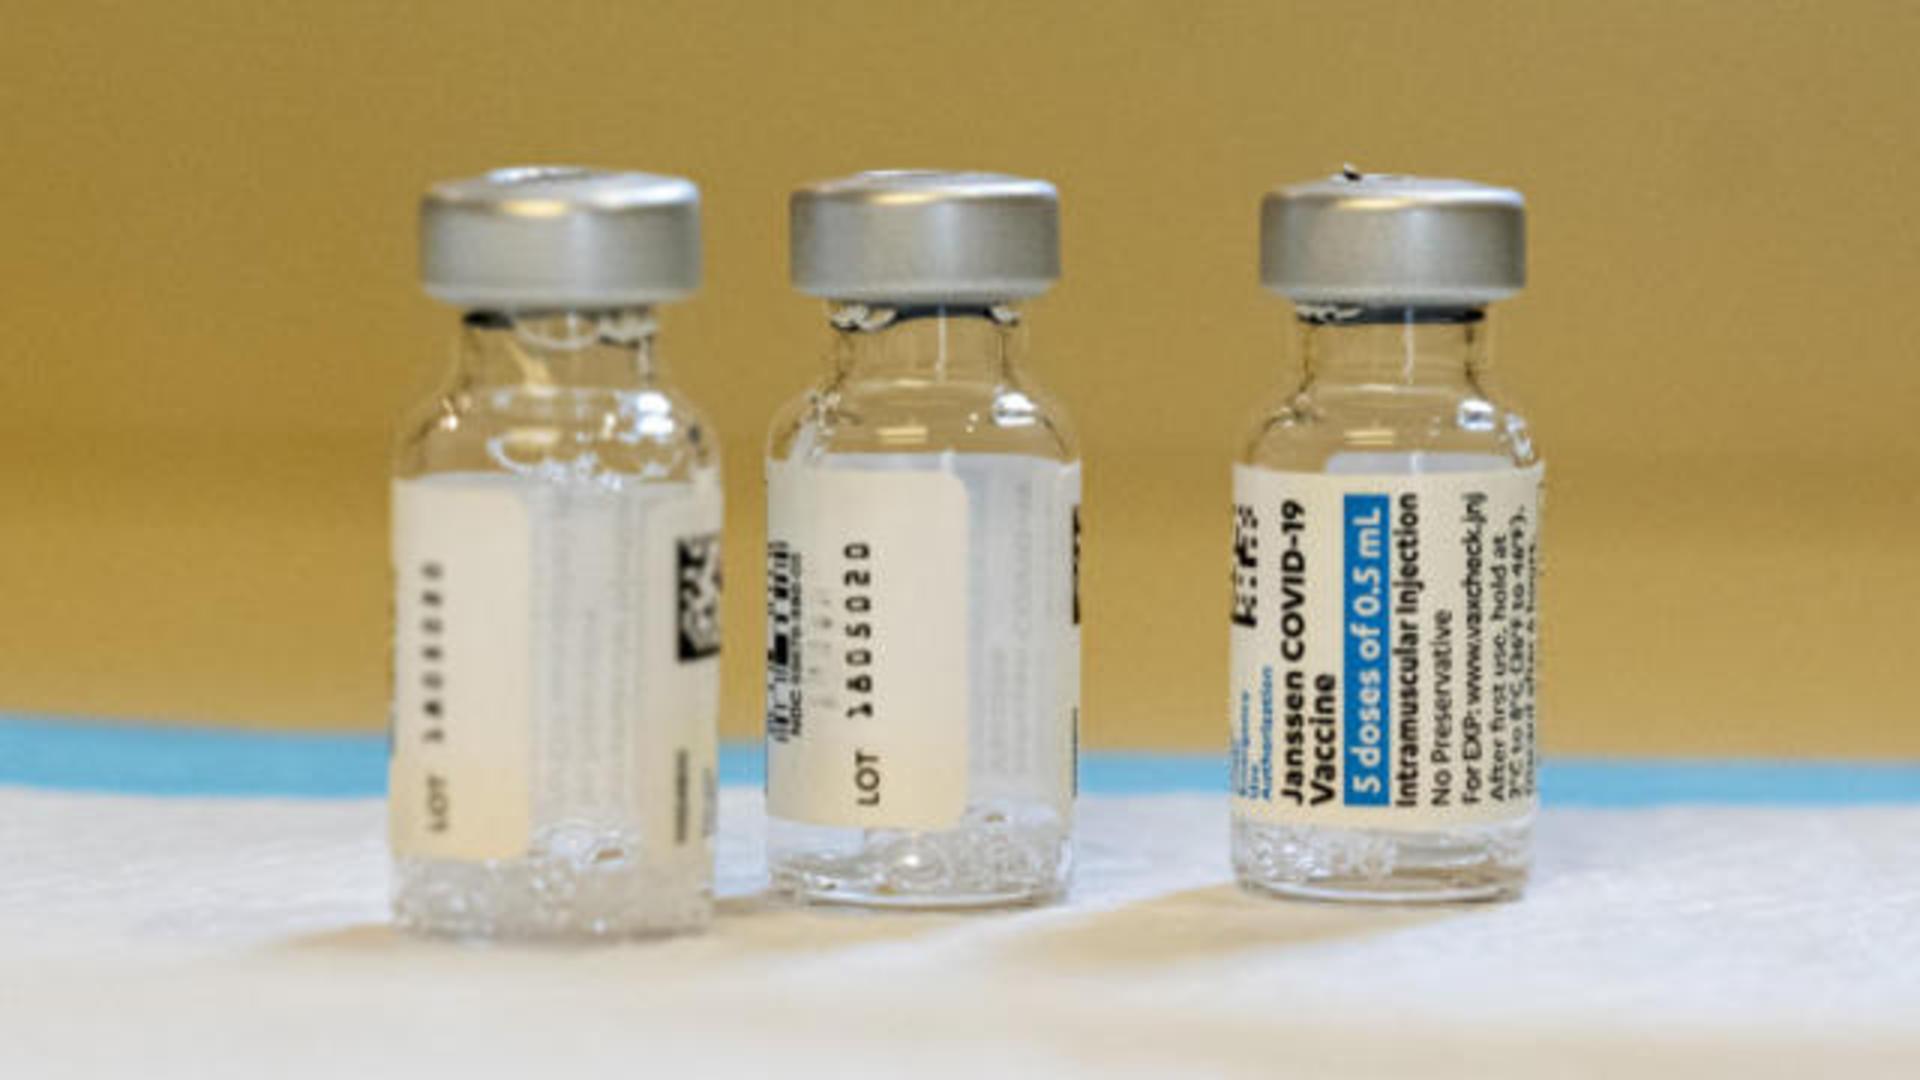 Breaking News Alert: US Calls For Pause On Johnson & Johnson Vaccine 4/13/21